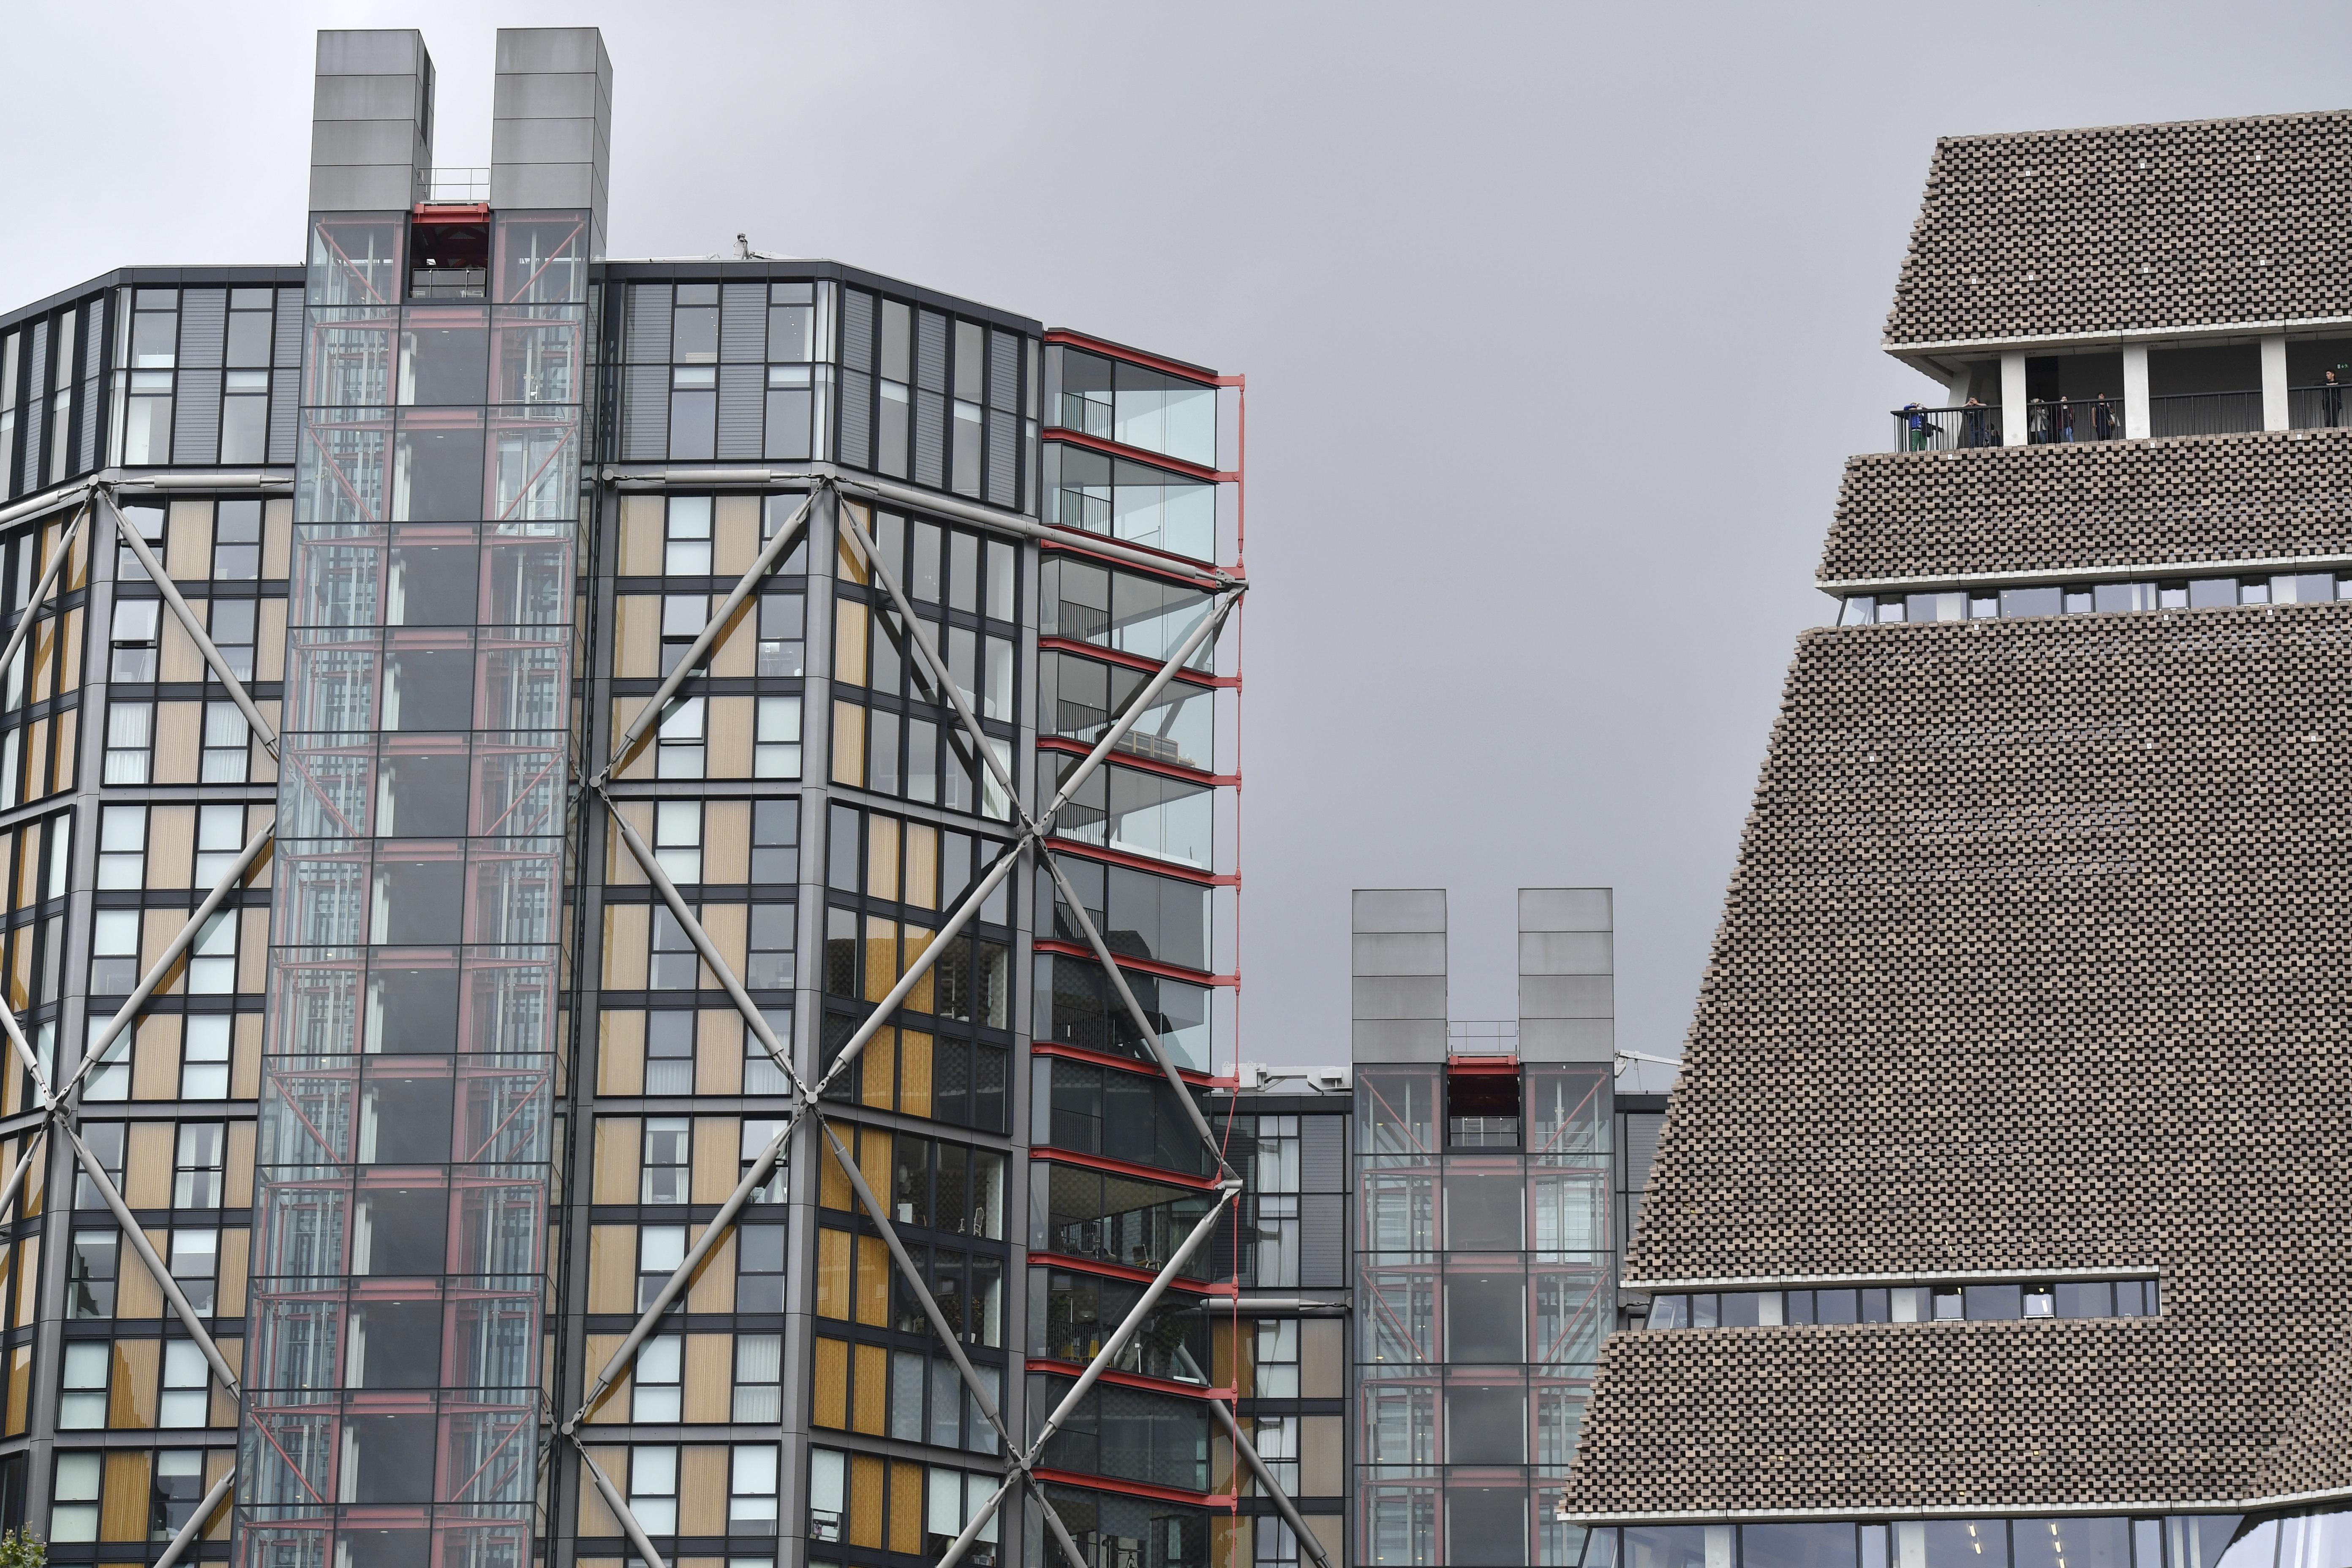 A látogatók imádják, hogy a Tate Modern kilátójából be lehet lesni a szomszédos ház csúcsgazdag lakóinak nappalijába, de utóbbiak már kevésbé lelkesek